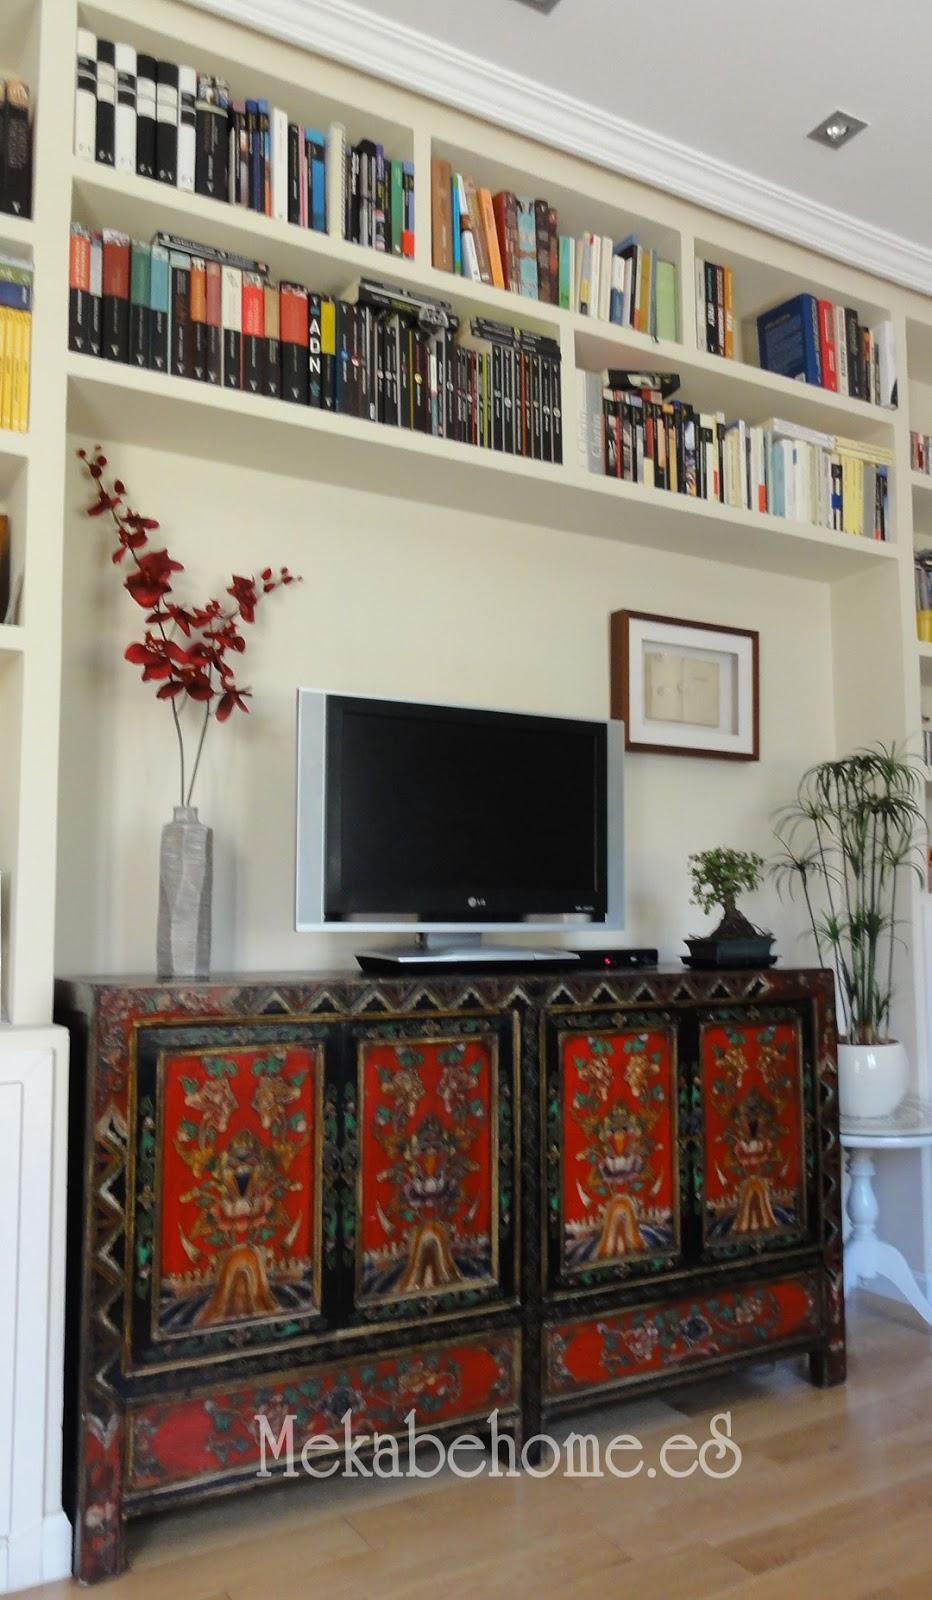 El nuevo hogar de nuestro aparador tibetano mekabe home - Muebles orientales madrid ...